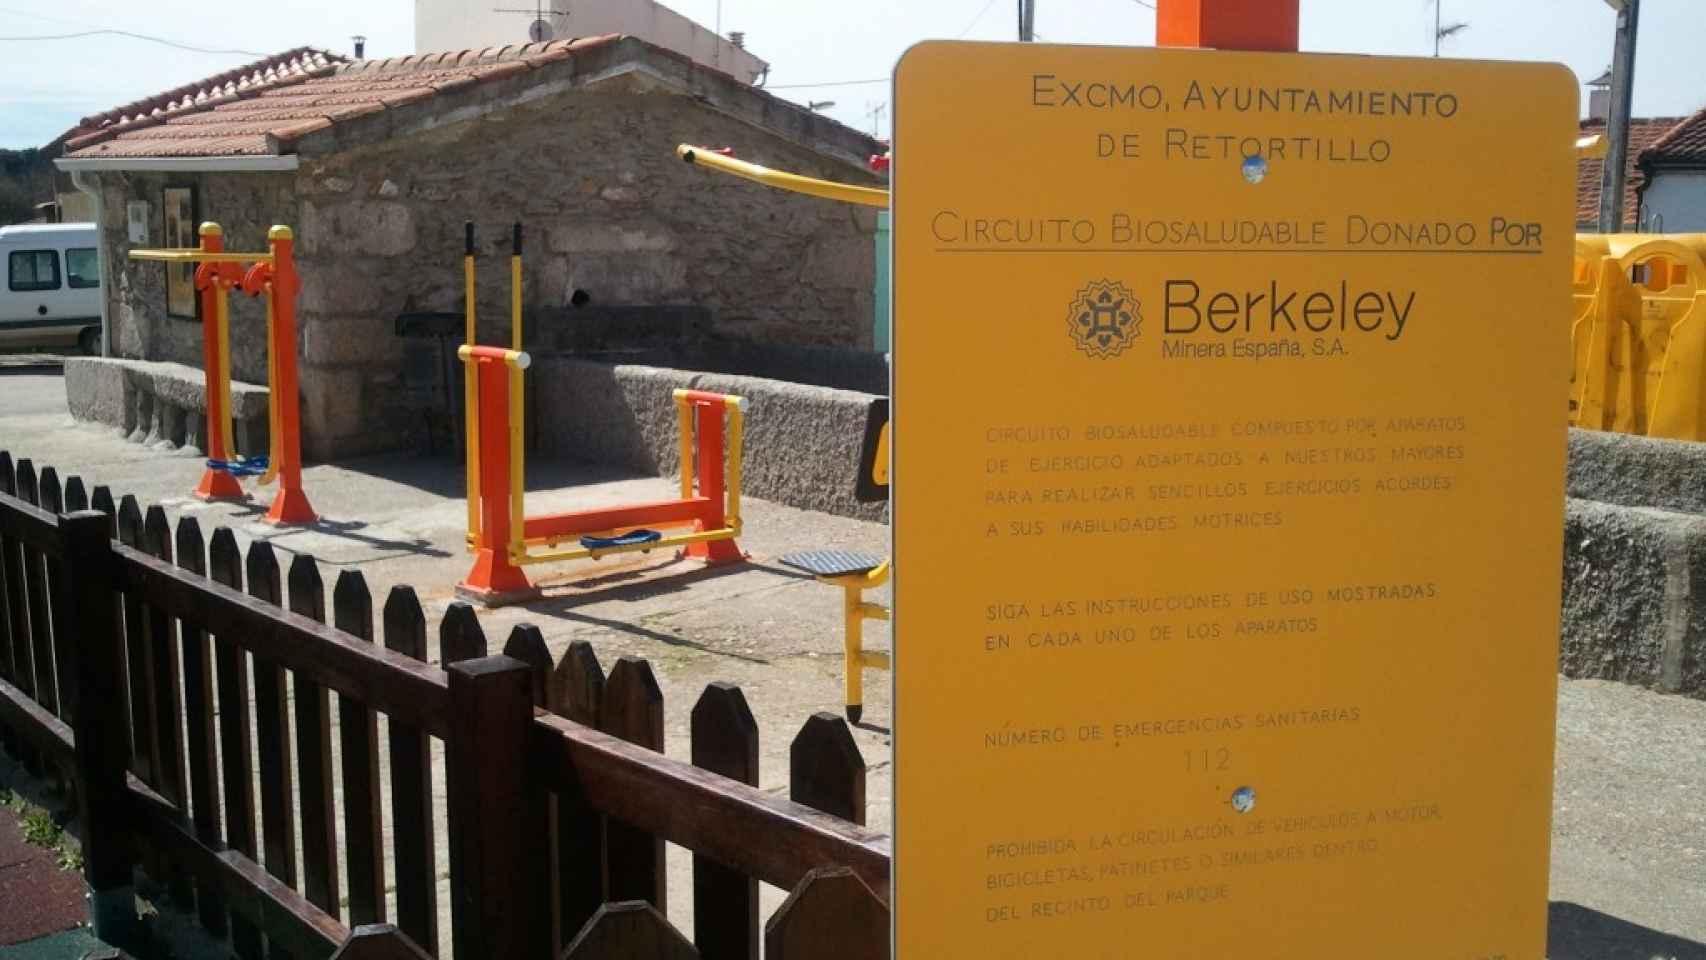 En Retortillo hay un parque biosaludable financiado por la minera.